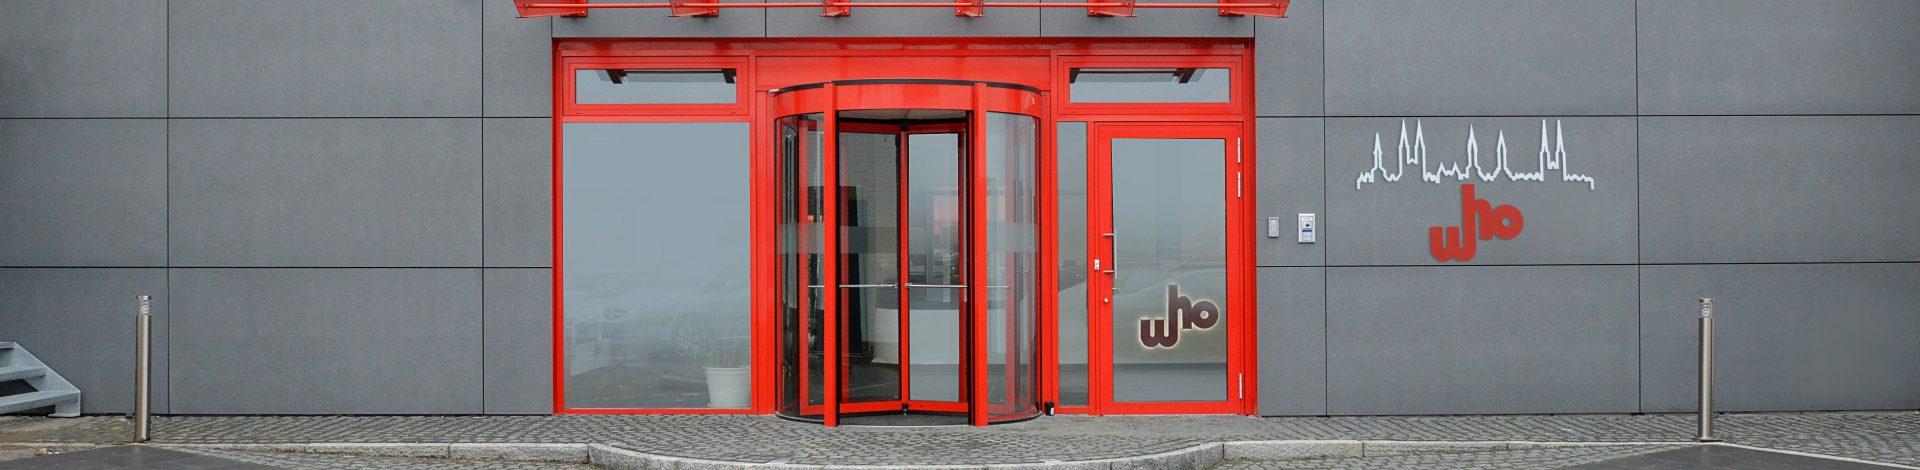 Abbildung des Eingangsbereiches zur who Ingenieurgesellschaft mbH